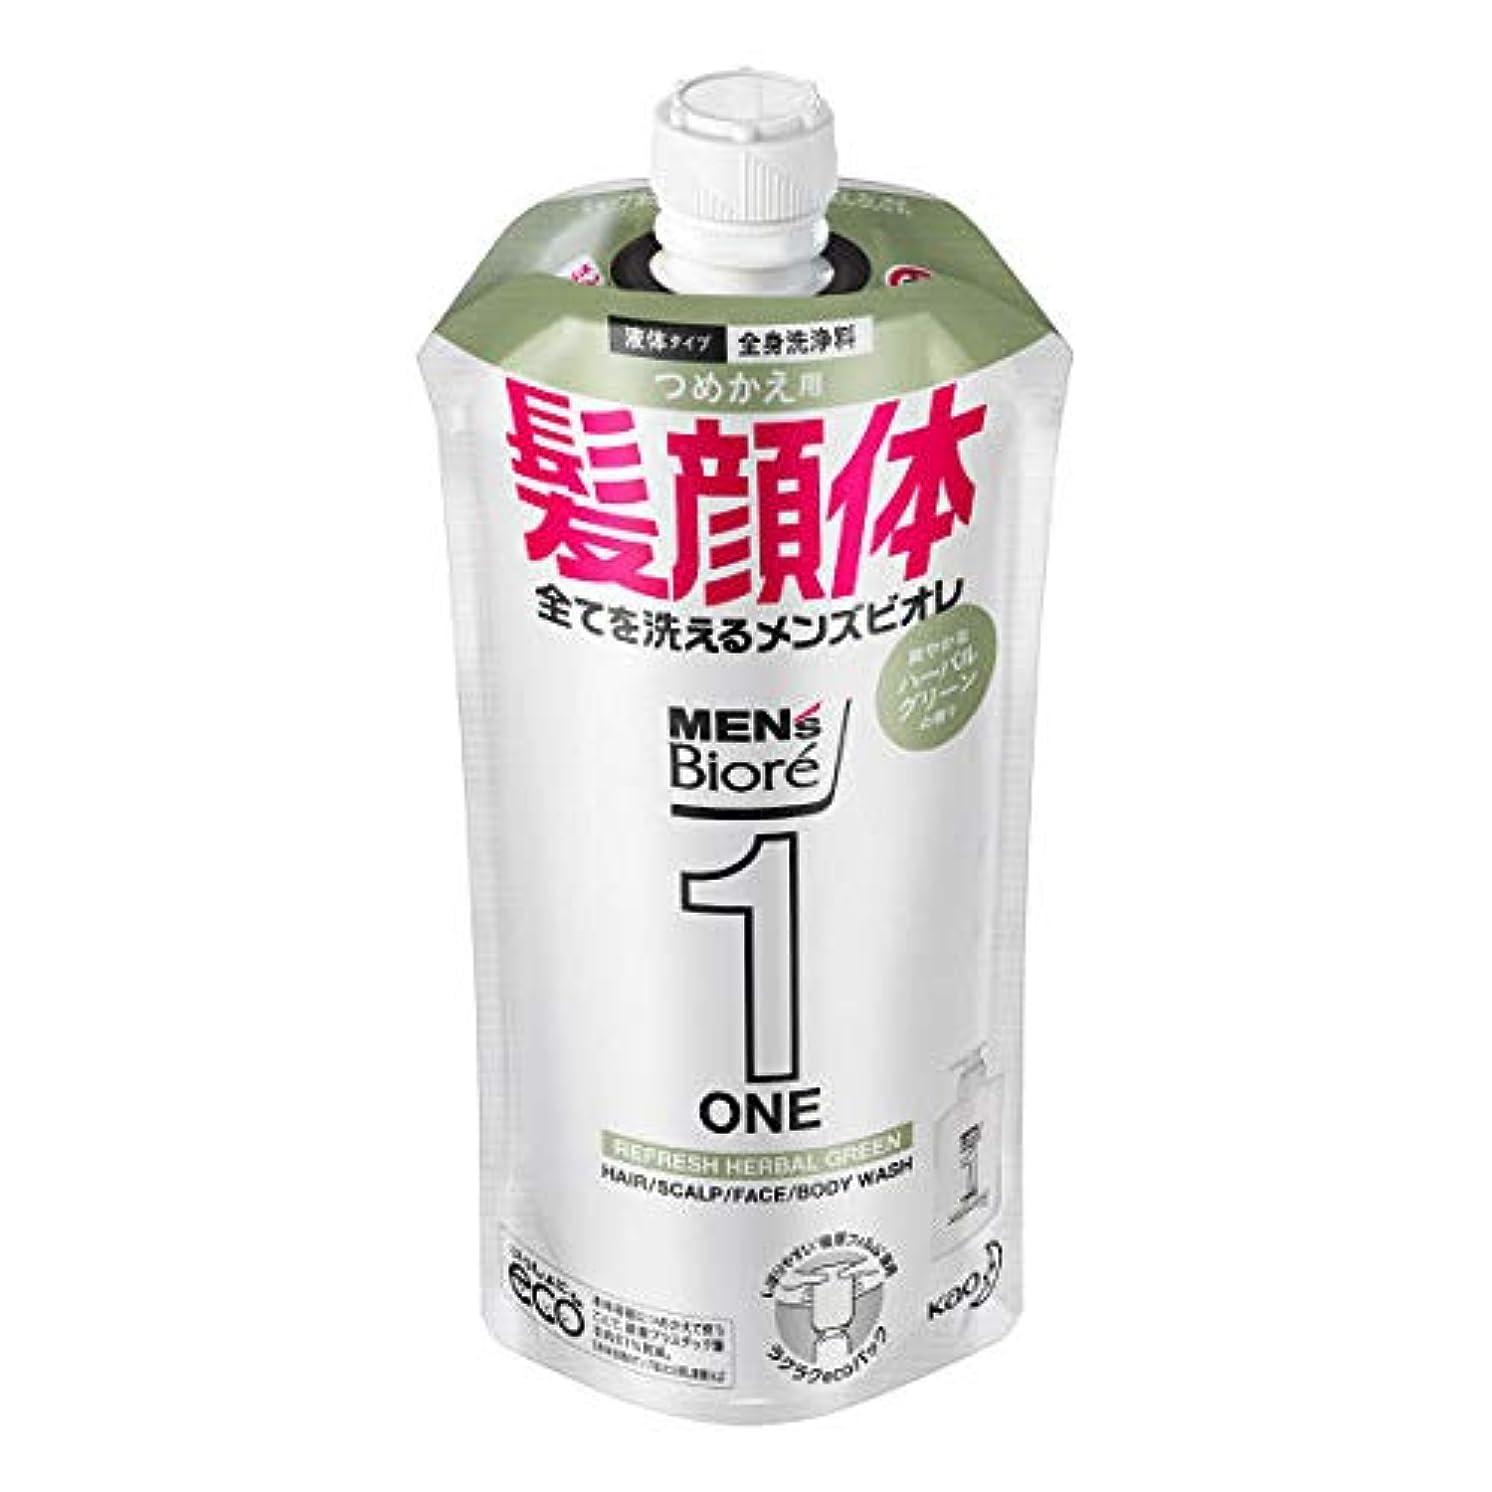 まっすぐ海里魔術師メンズビオレONE オールインワン全身洗浄料 爽やかなハーブルグリーンの香り つめかえ用 340mL